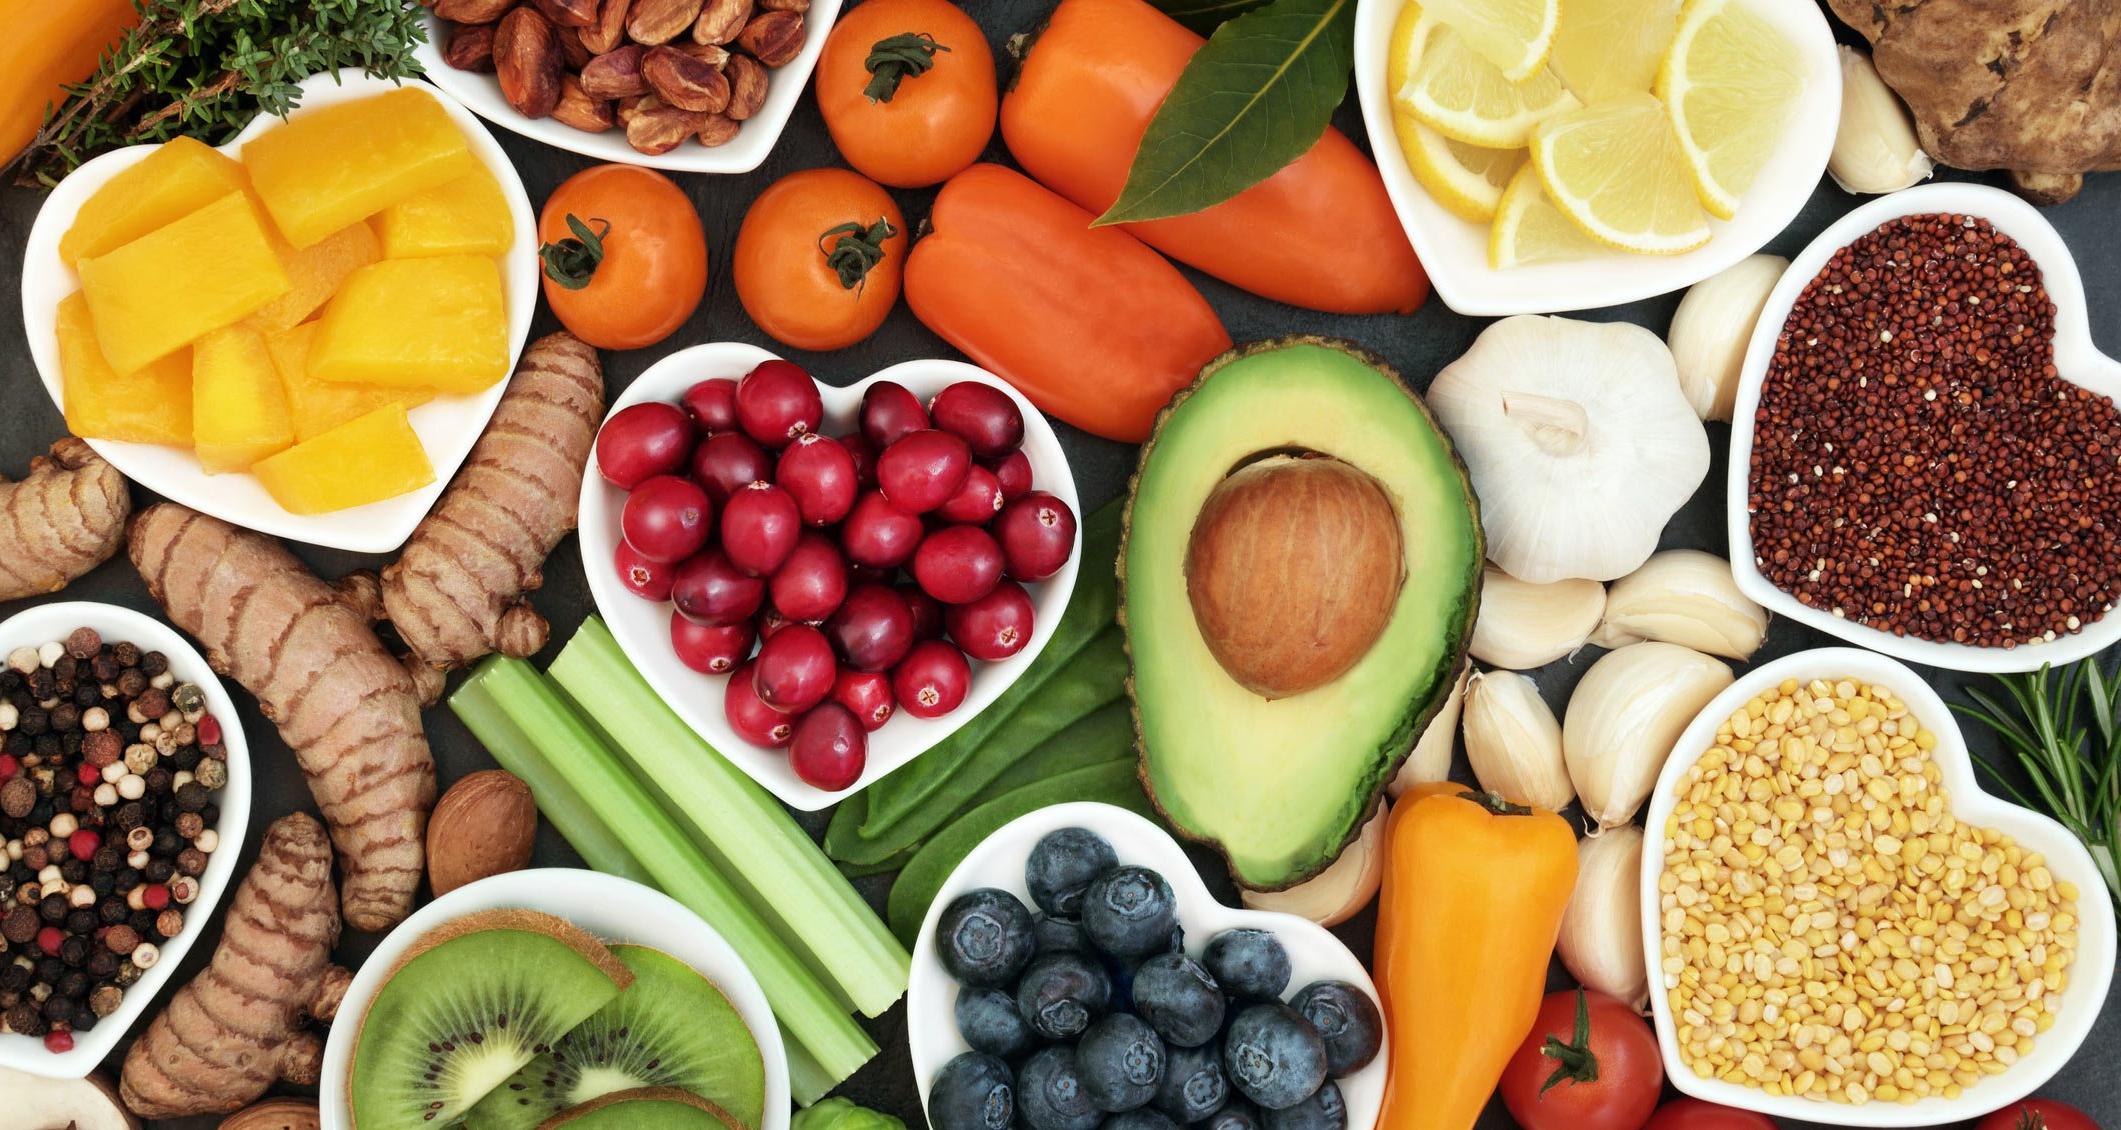 Bien sûr, vous ne mangerez pas seulement de la viande - les fruits et légumes sont également autorisés.